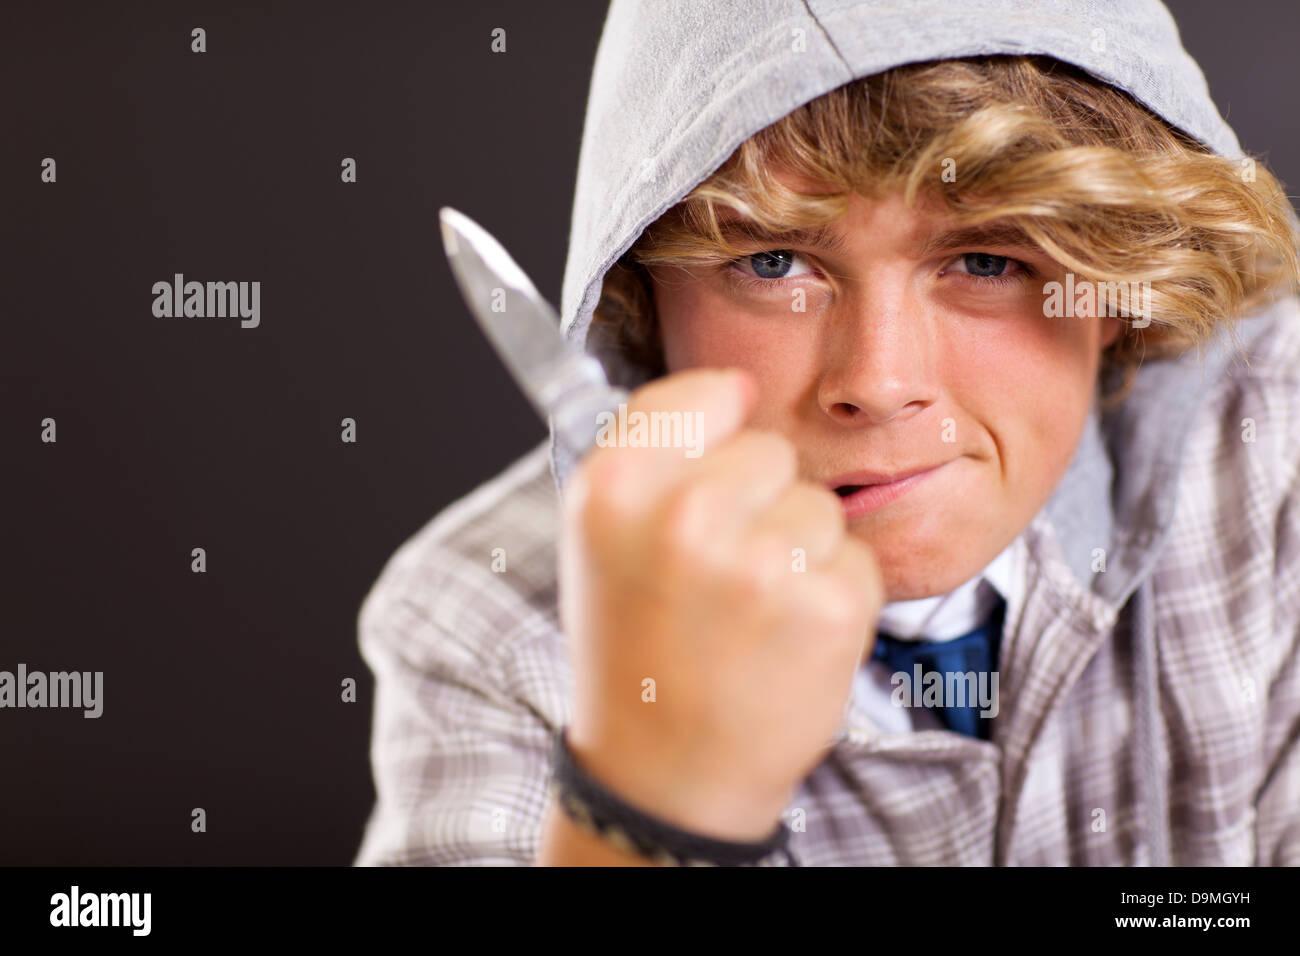 Adolescentes violentos niño sosteniendo un cuchillo Imagen De Stock